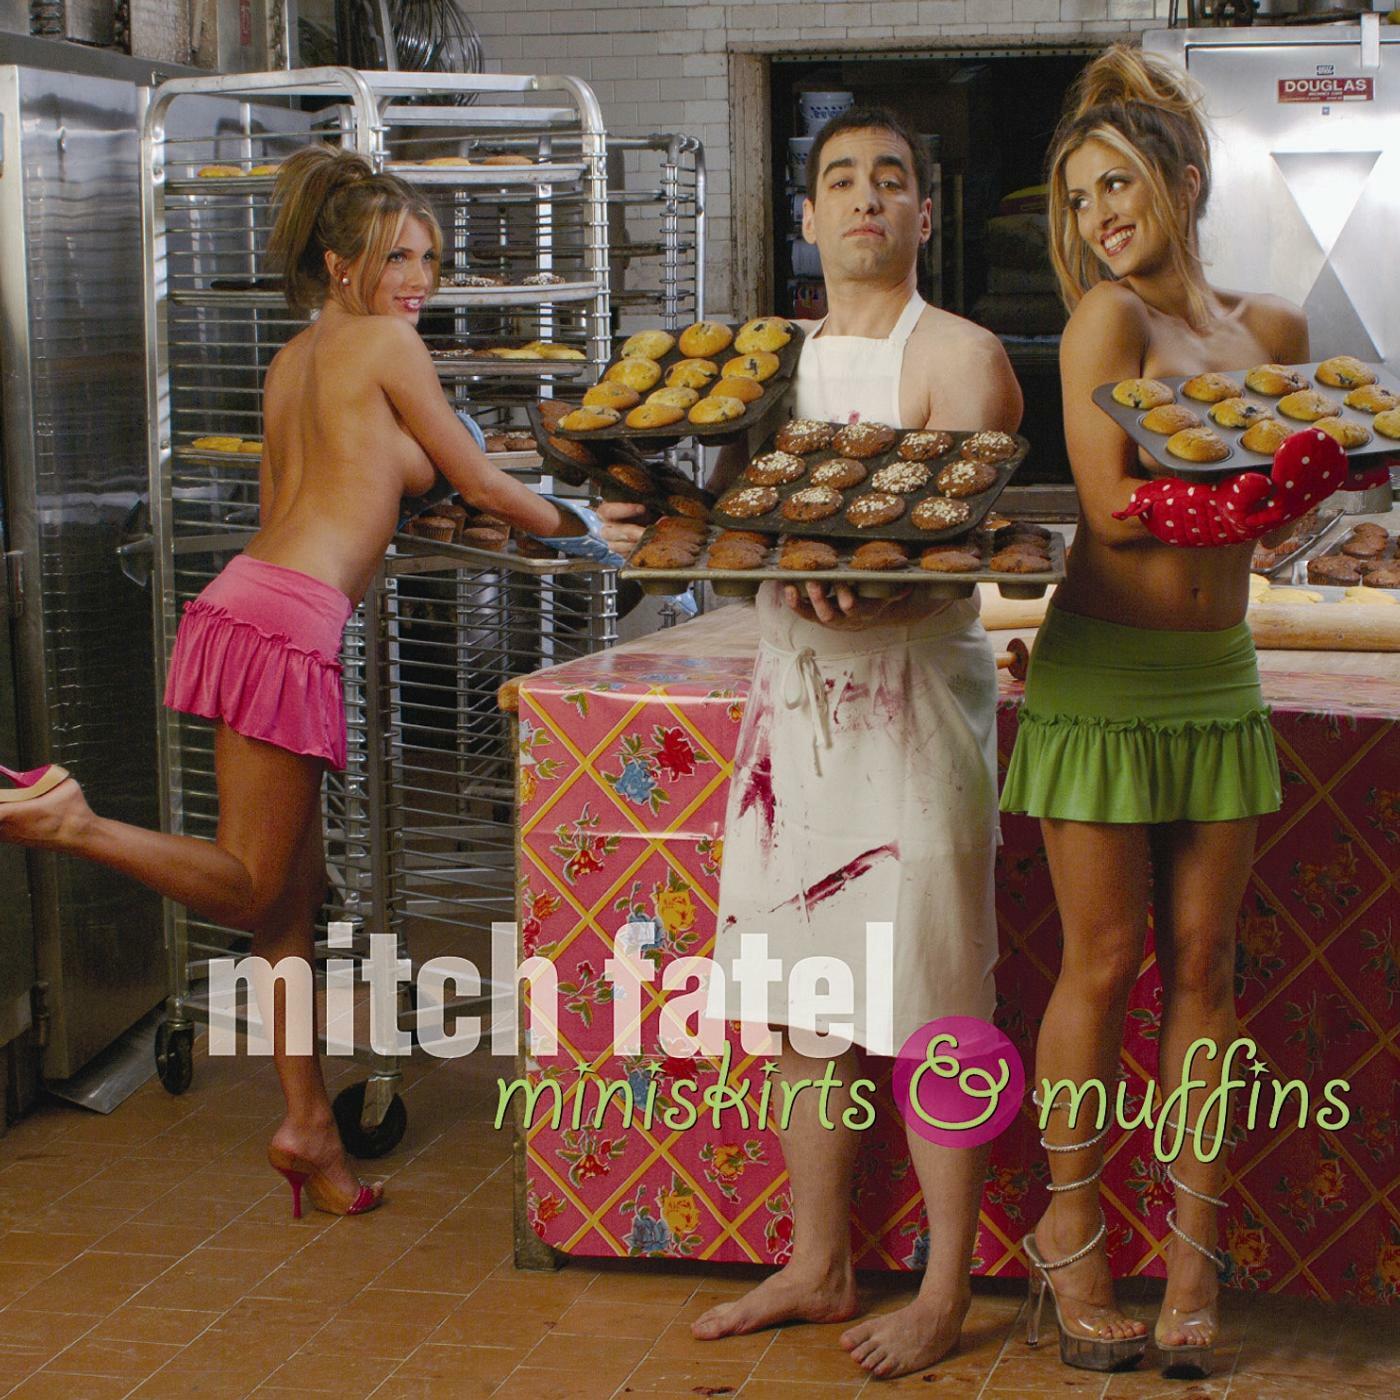 love Mitch my i penis fatel